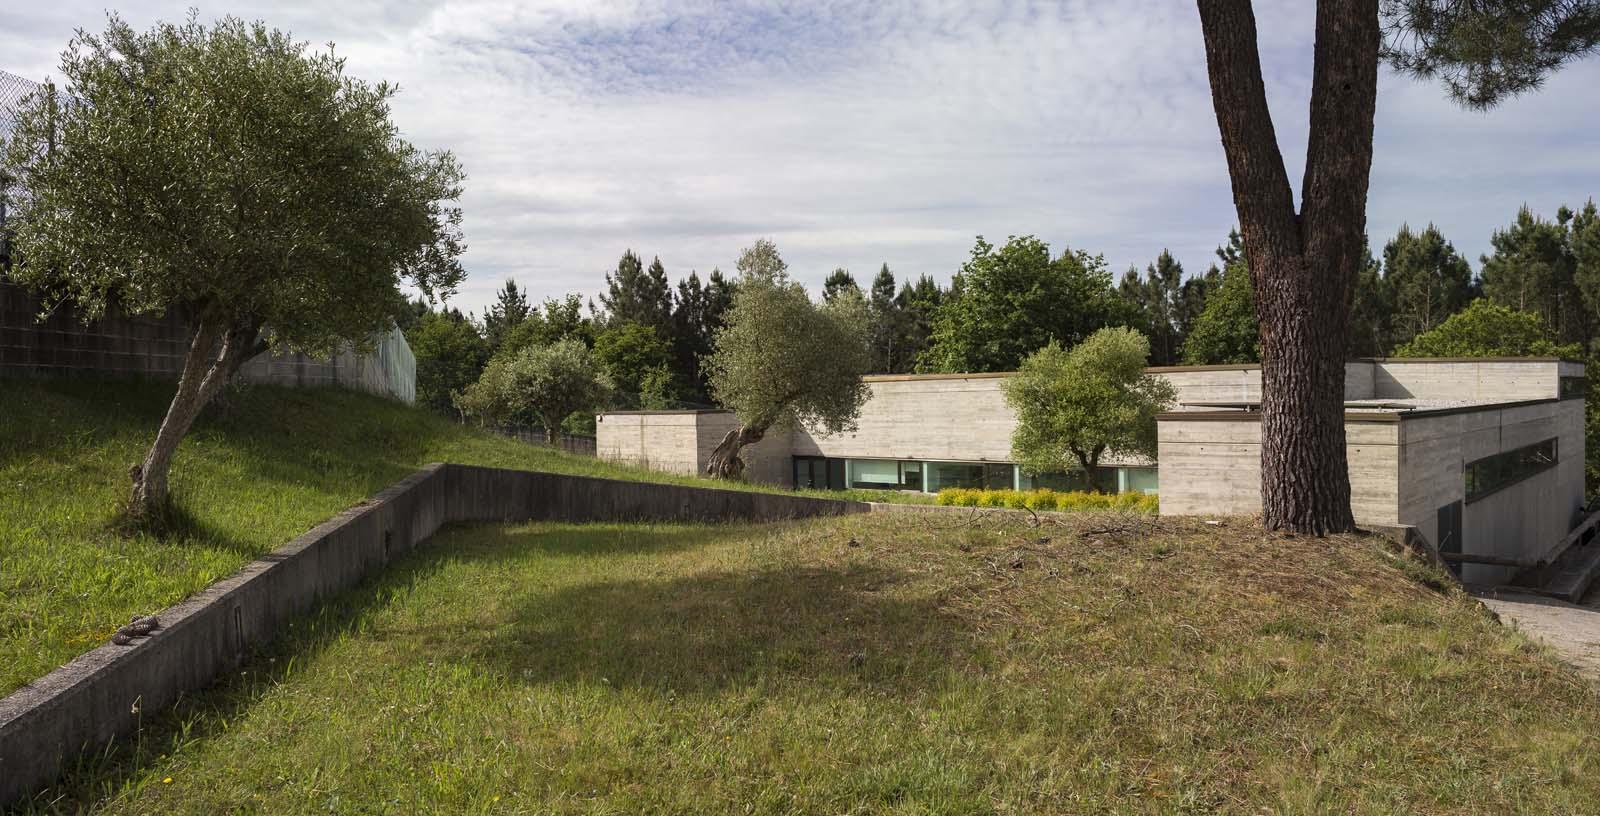 A_Merca_Health_Center_Architecture_Idom_Aitor_Ortiz_14